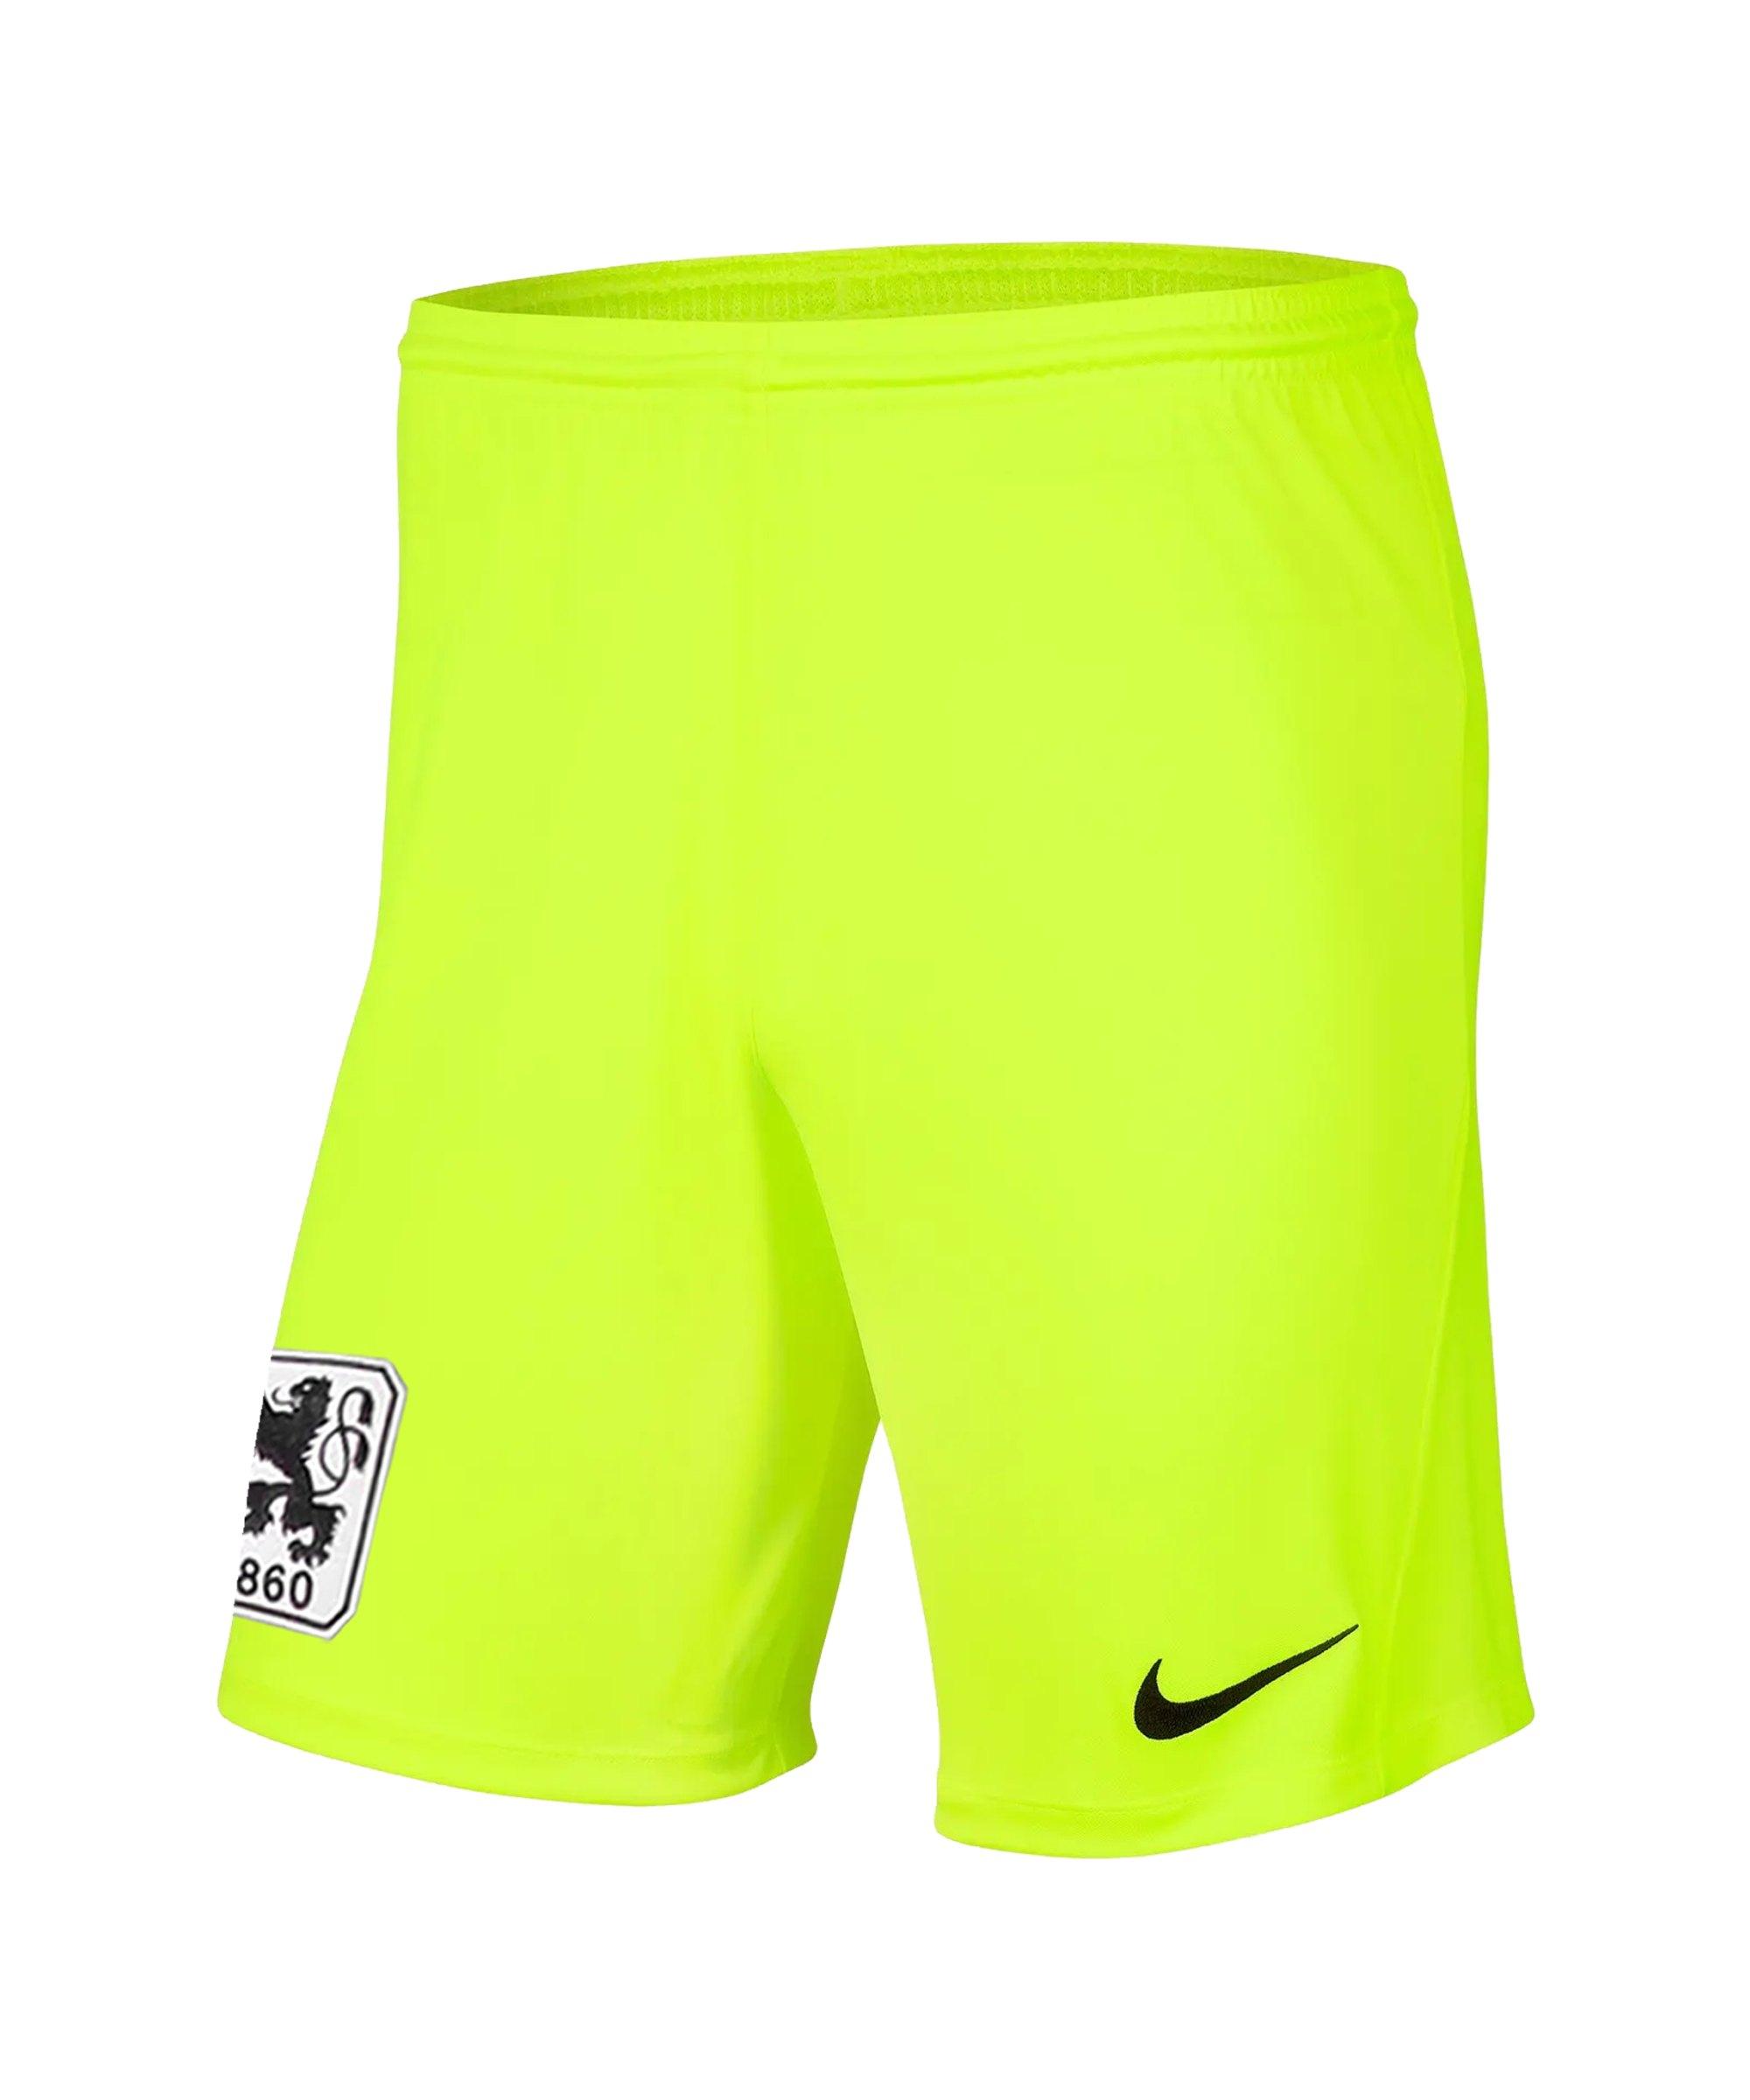 Nike TSV 1860 München Torwartshort 2020/2021 Kids Gelb F702 - gelb